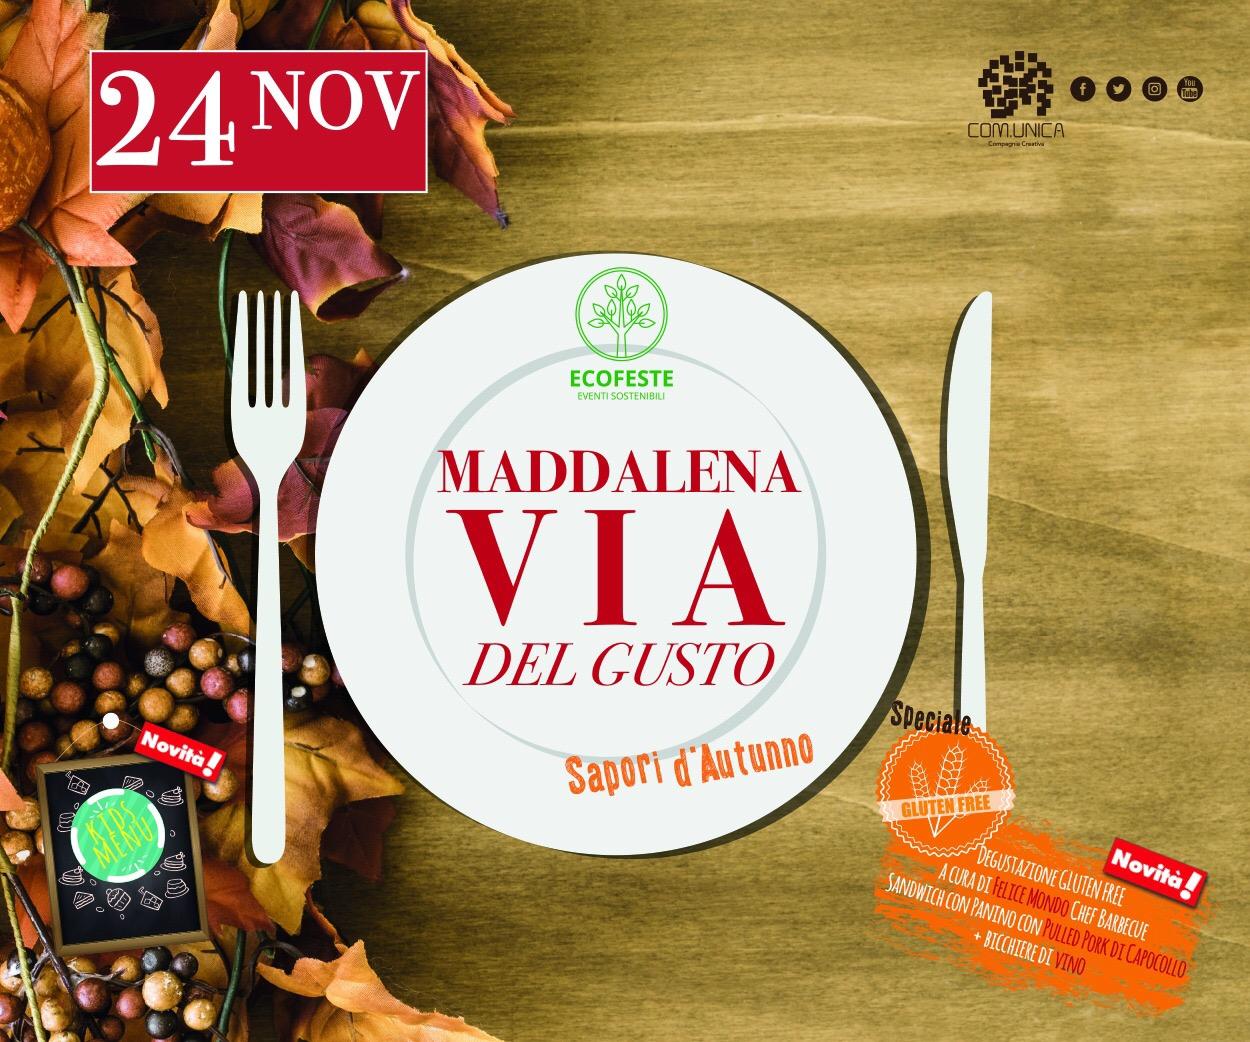 Maddalena via del gusto (24 Novembre) - 300x250